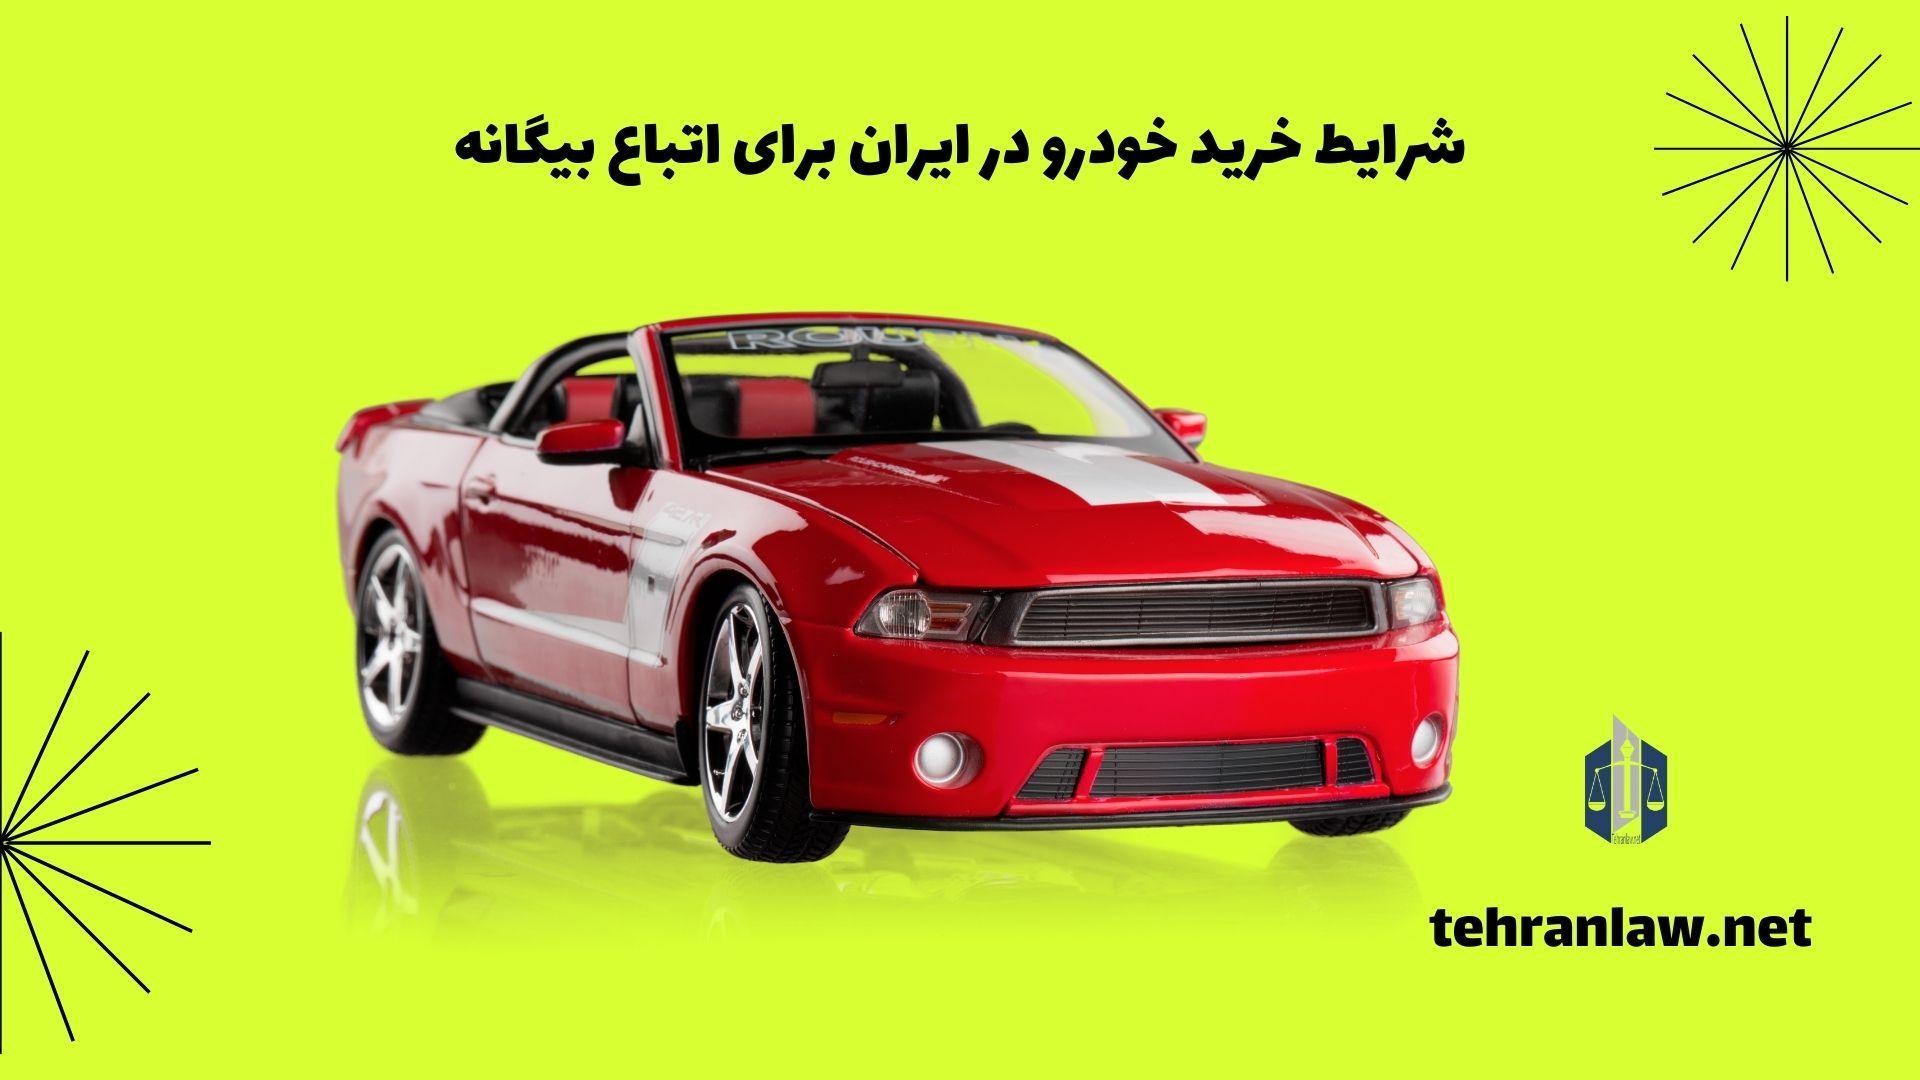 شرایط خرید خودرو در ایران برای اتباع بیگانه